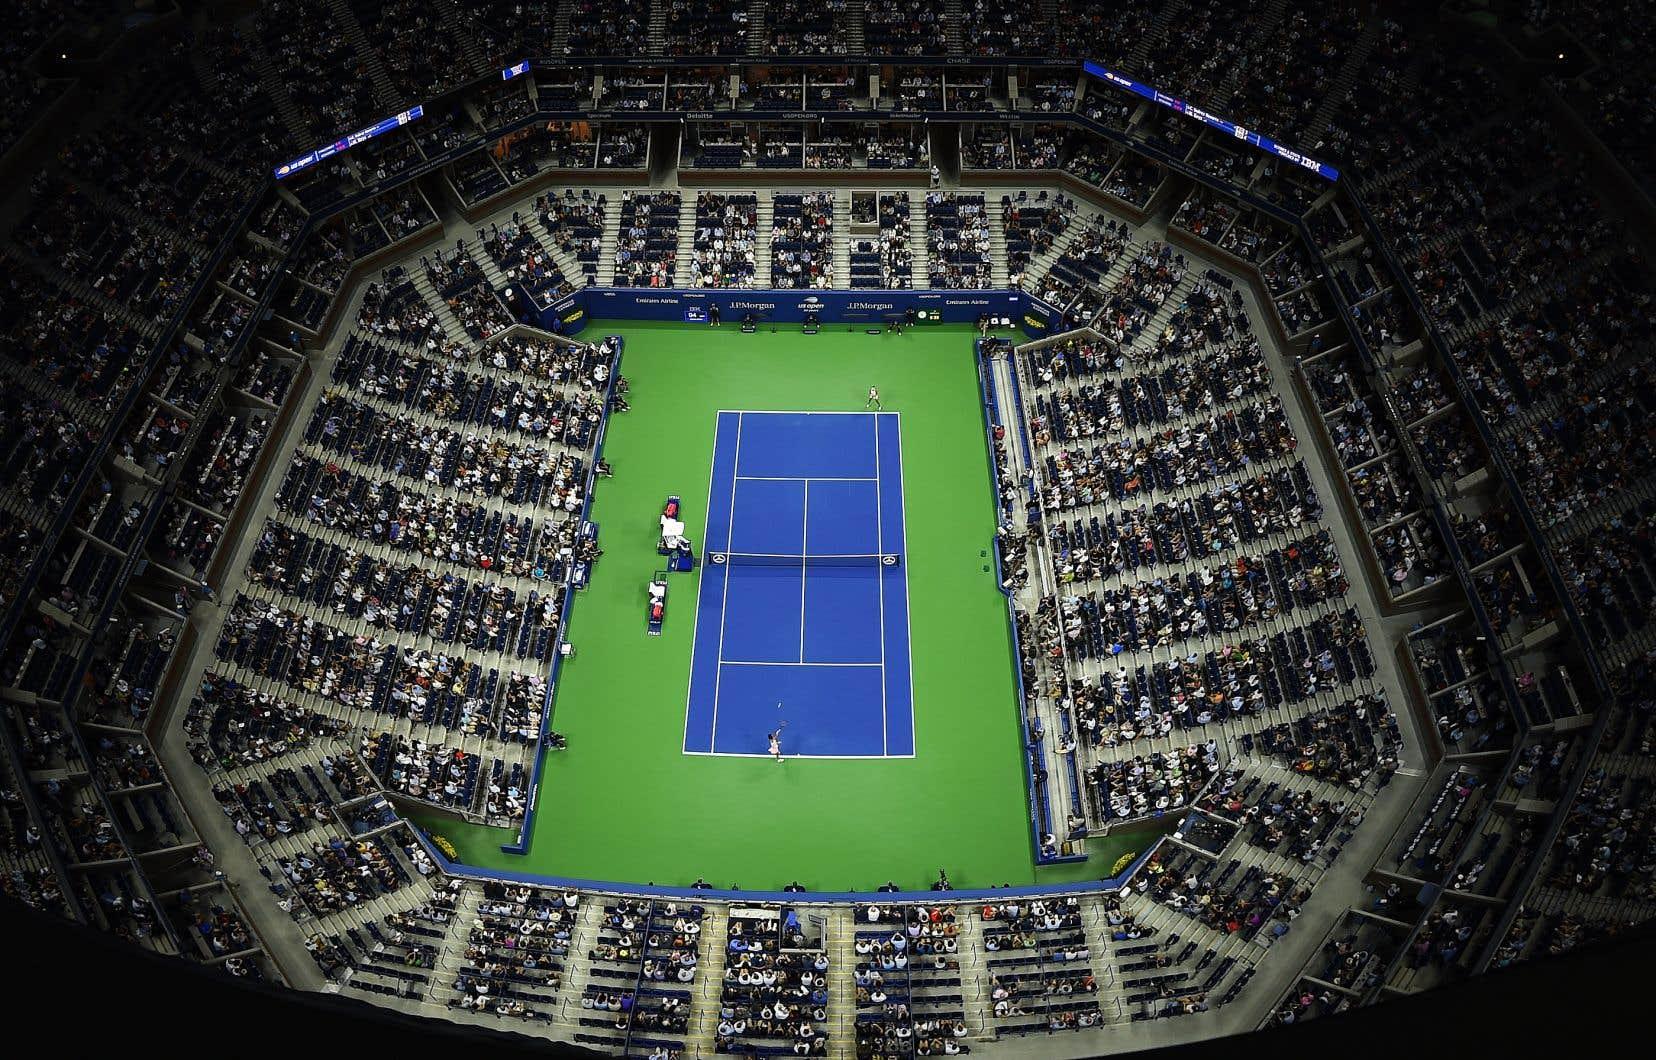 Cette année, il n'y aura pas de spectateurs au Billie Jean King National Tennis Center.